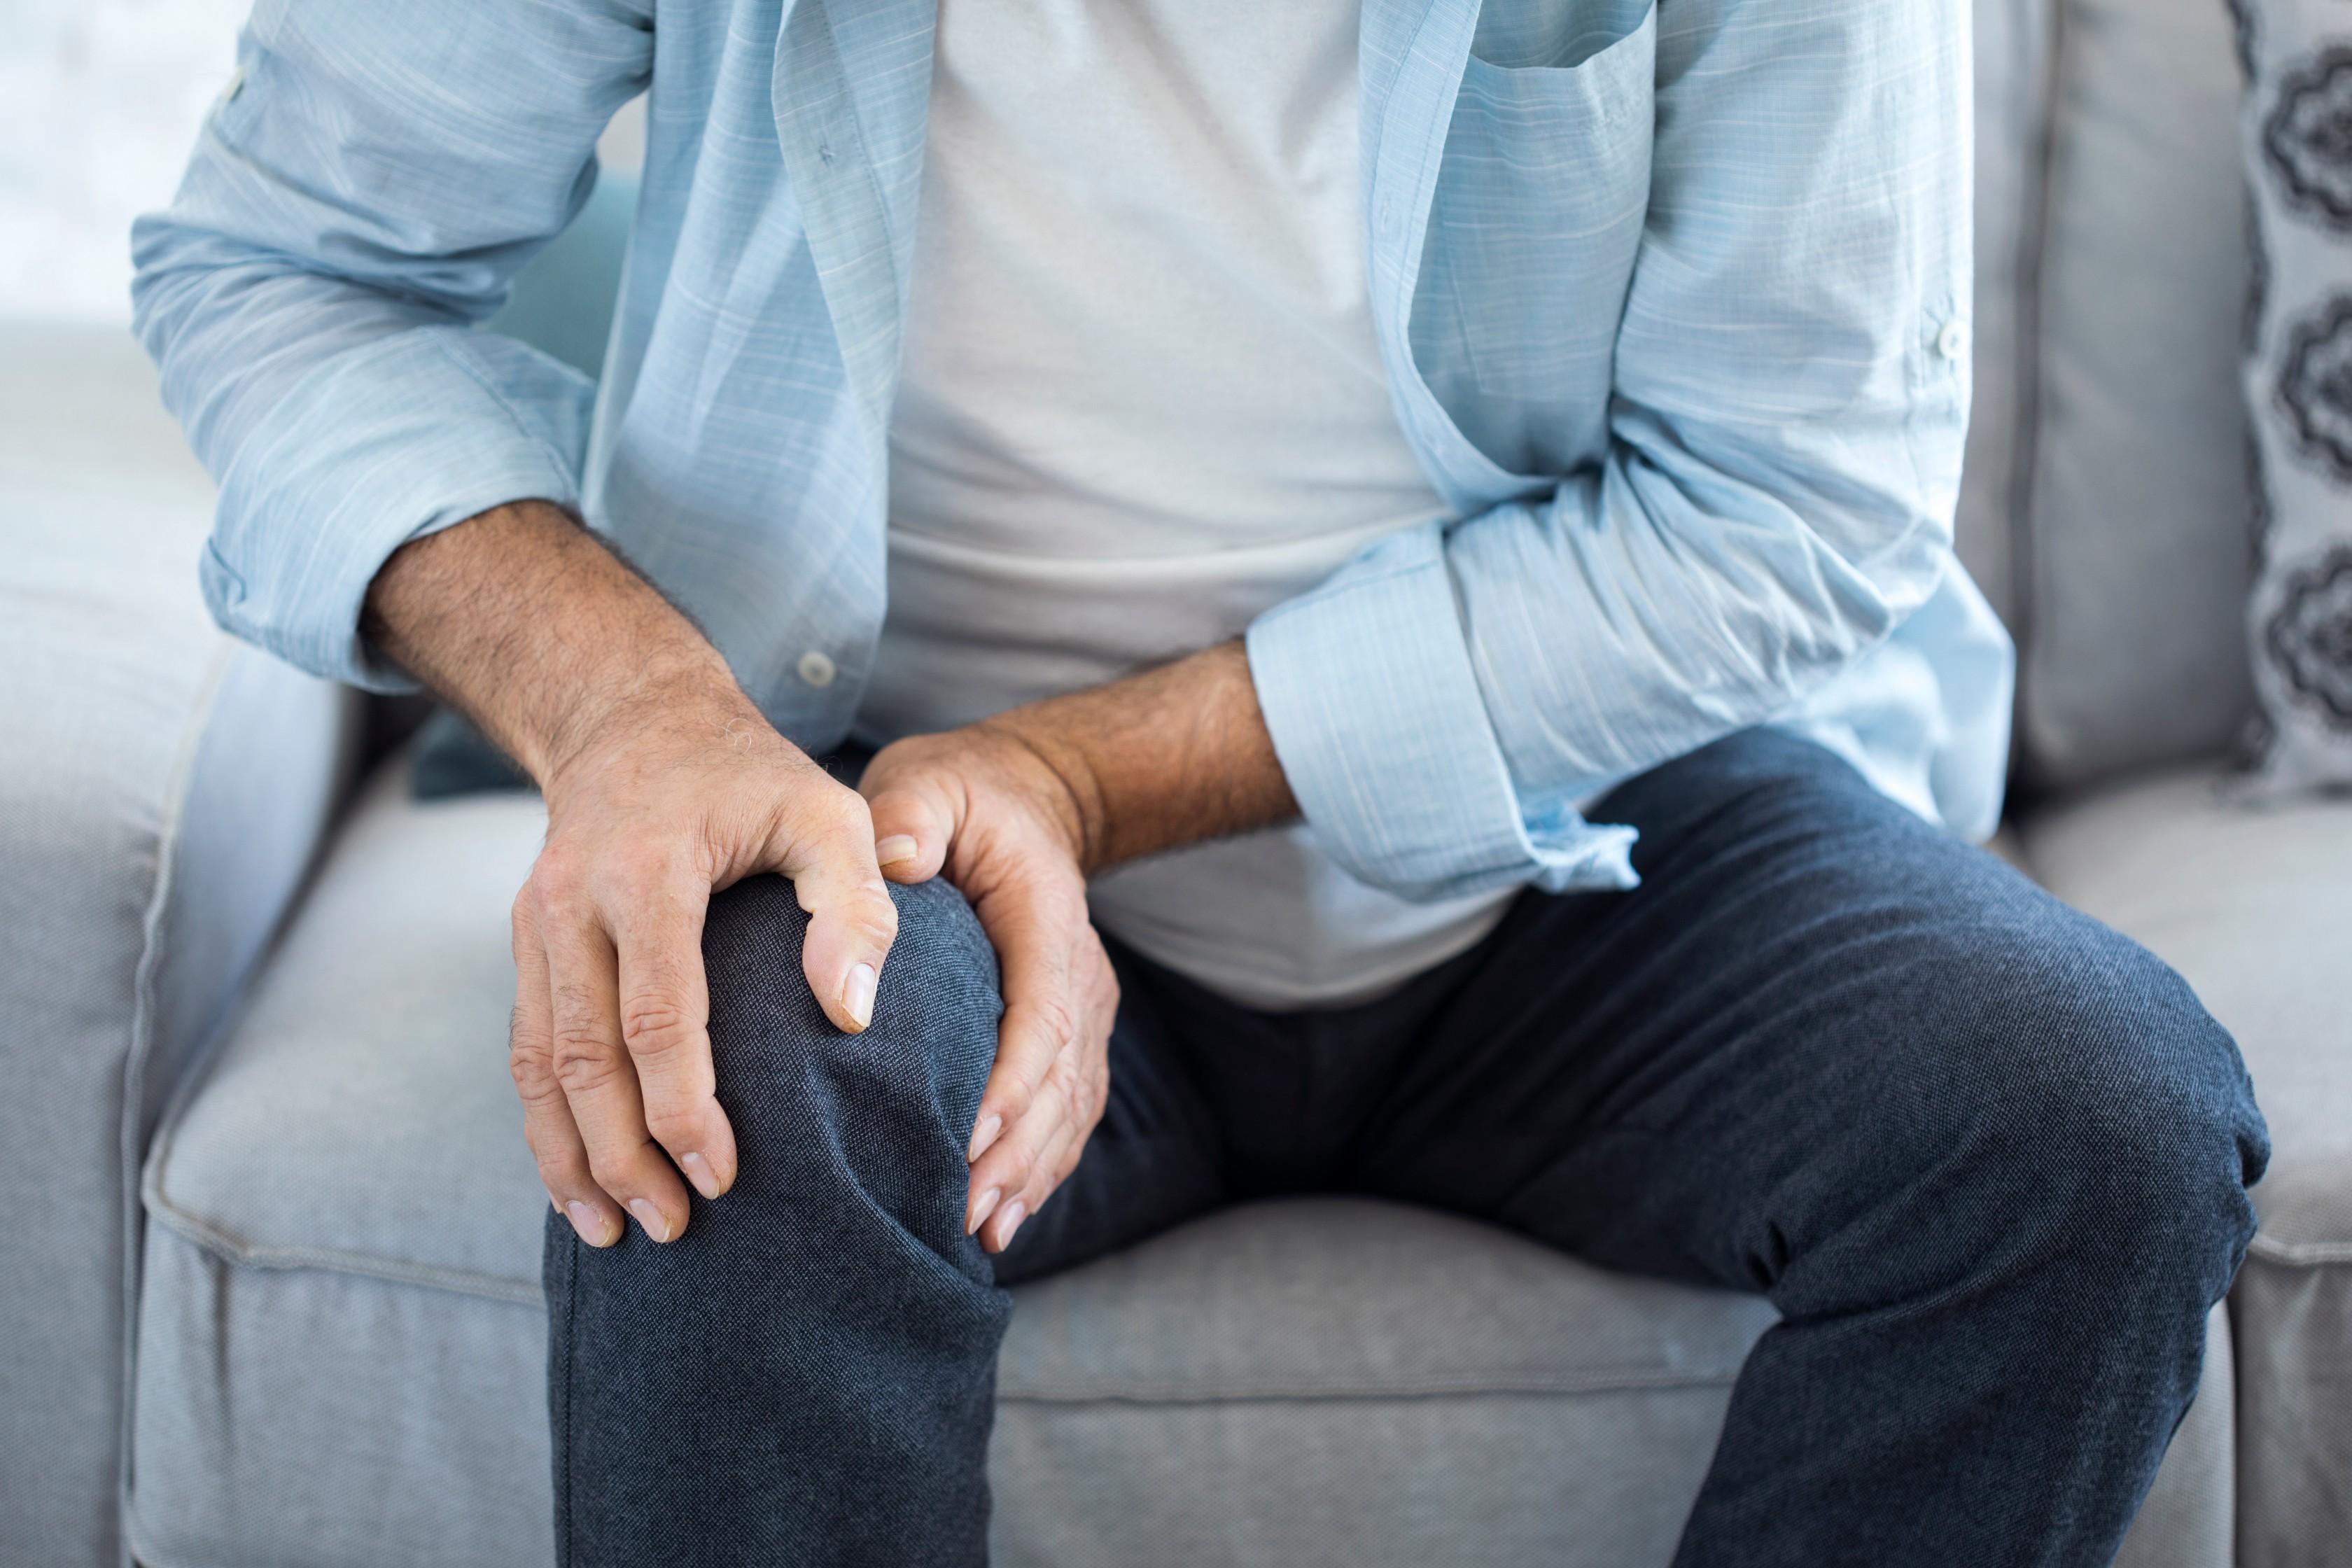 mi lehet a fájdalom az ízületben a fenék ízületei fájnak mi az